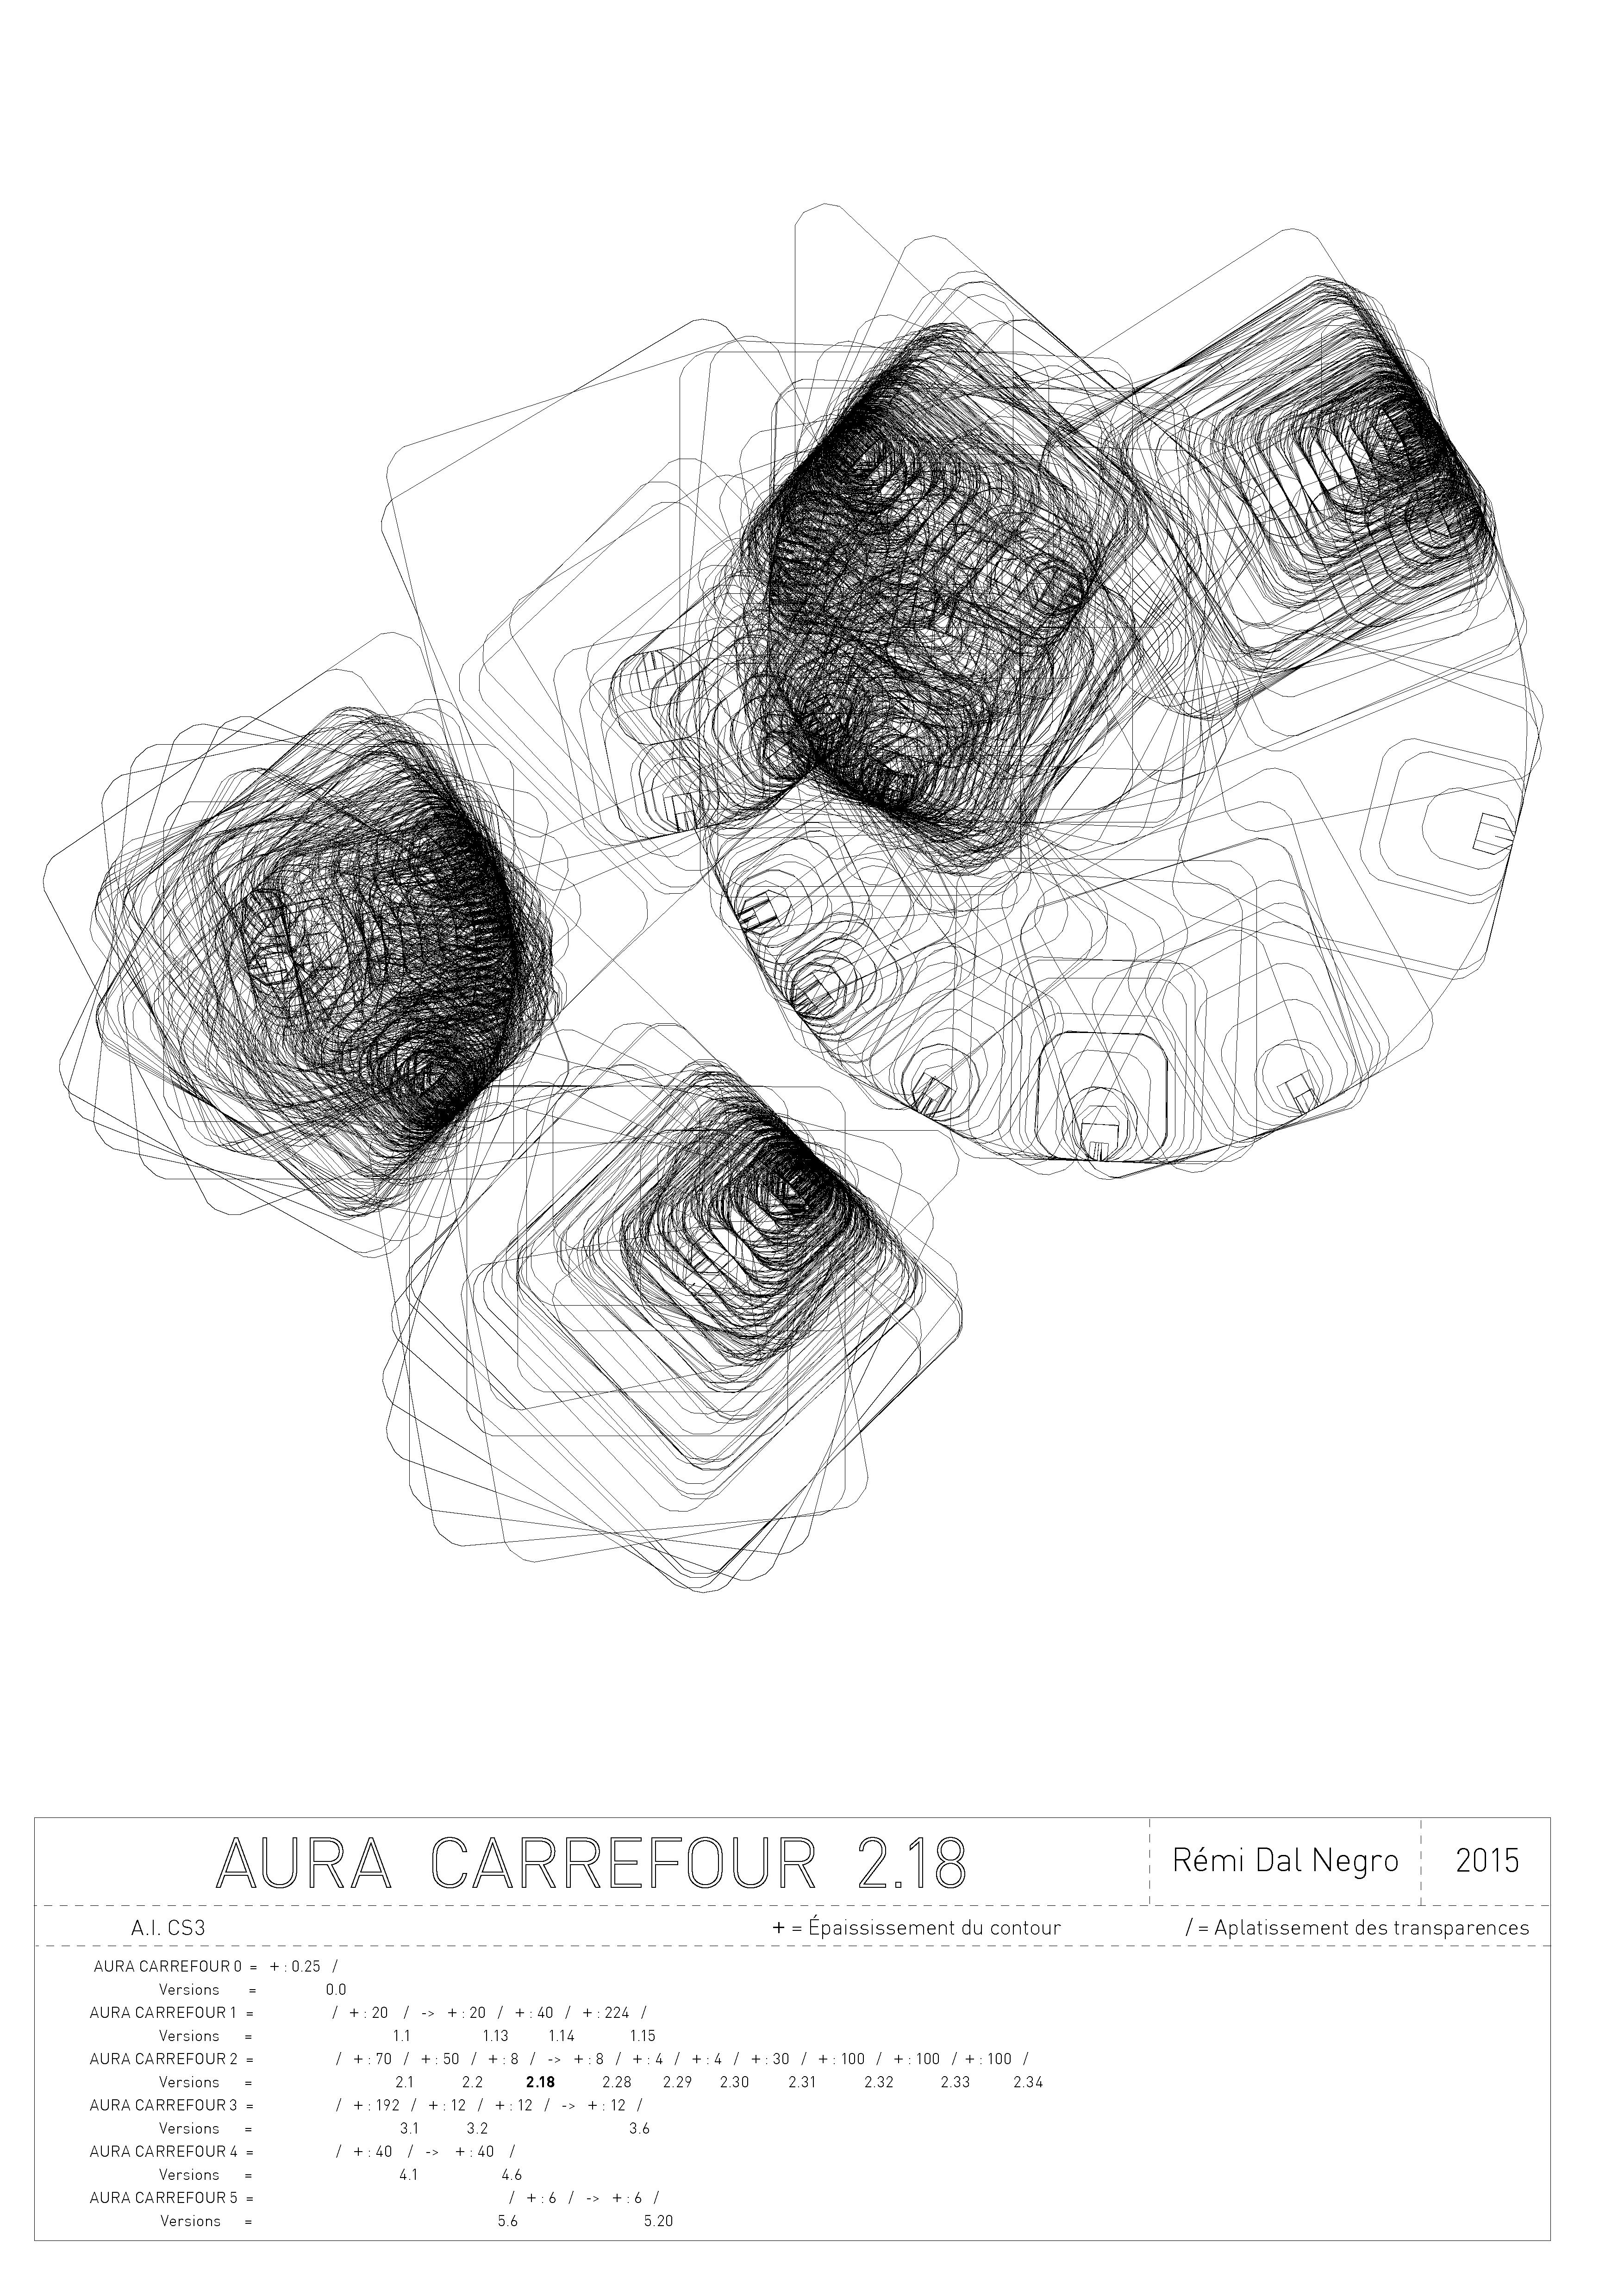 P12 – CARREFOUR 2.18 A3 0.25pt OK2